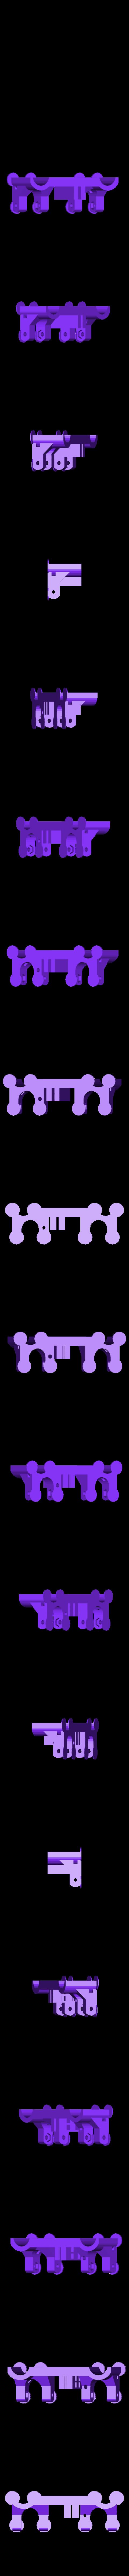 front_belt_carriage.stl Télécharger fichier STL gratuit Chariot vertical avec fixation à la ceinture avant • Objet imprimable en 3D, Tarkhubal